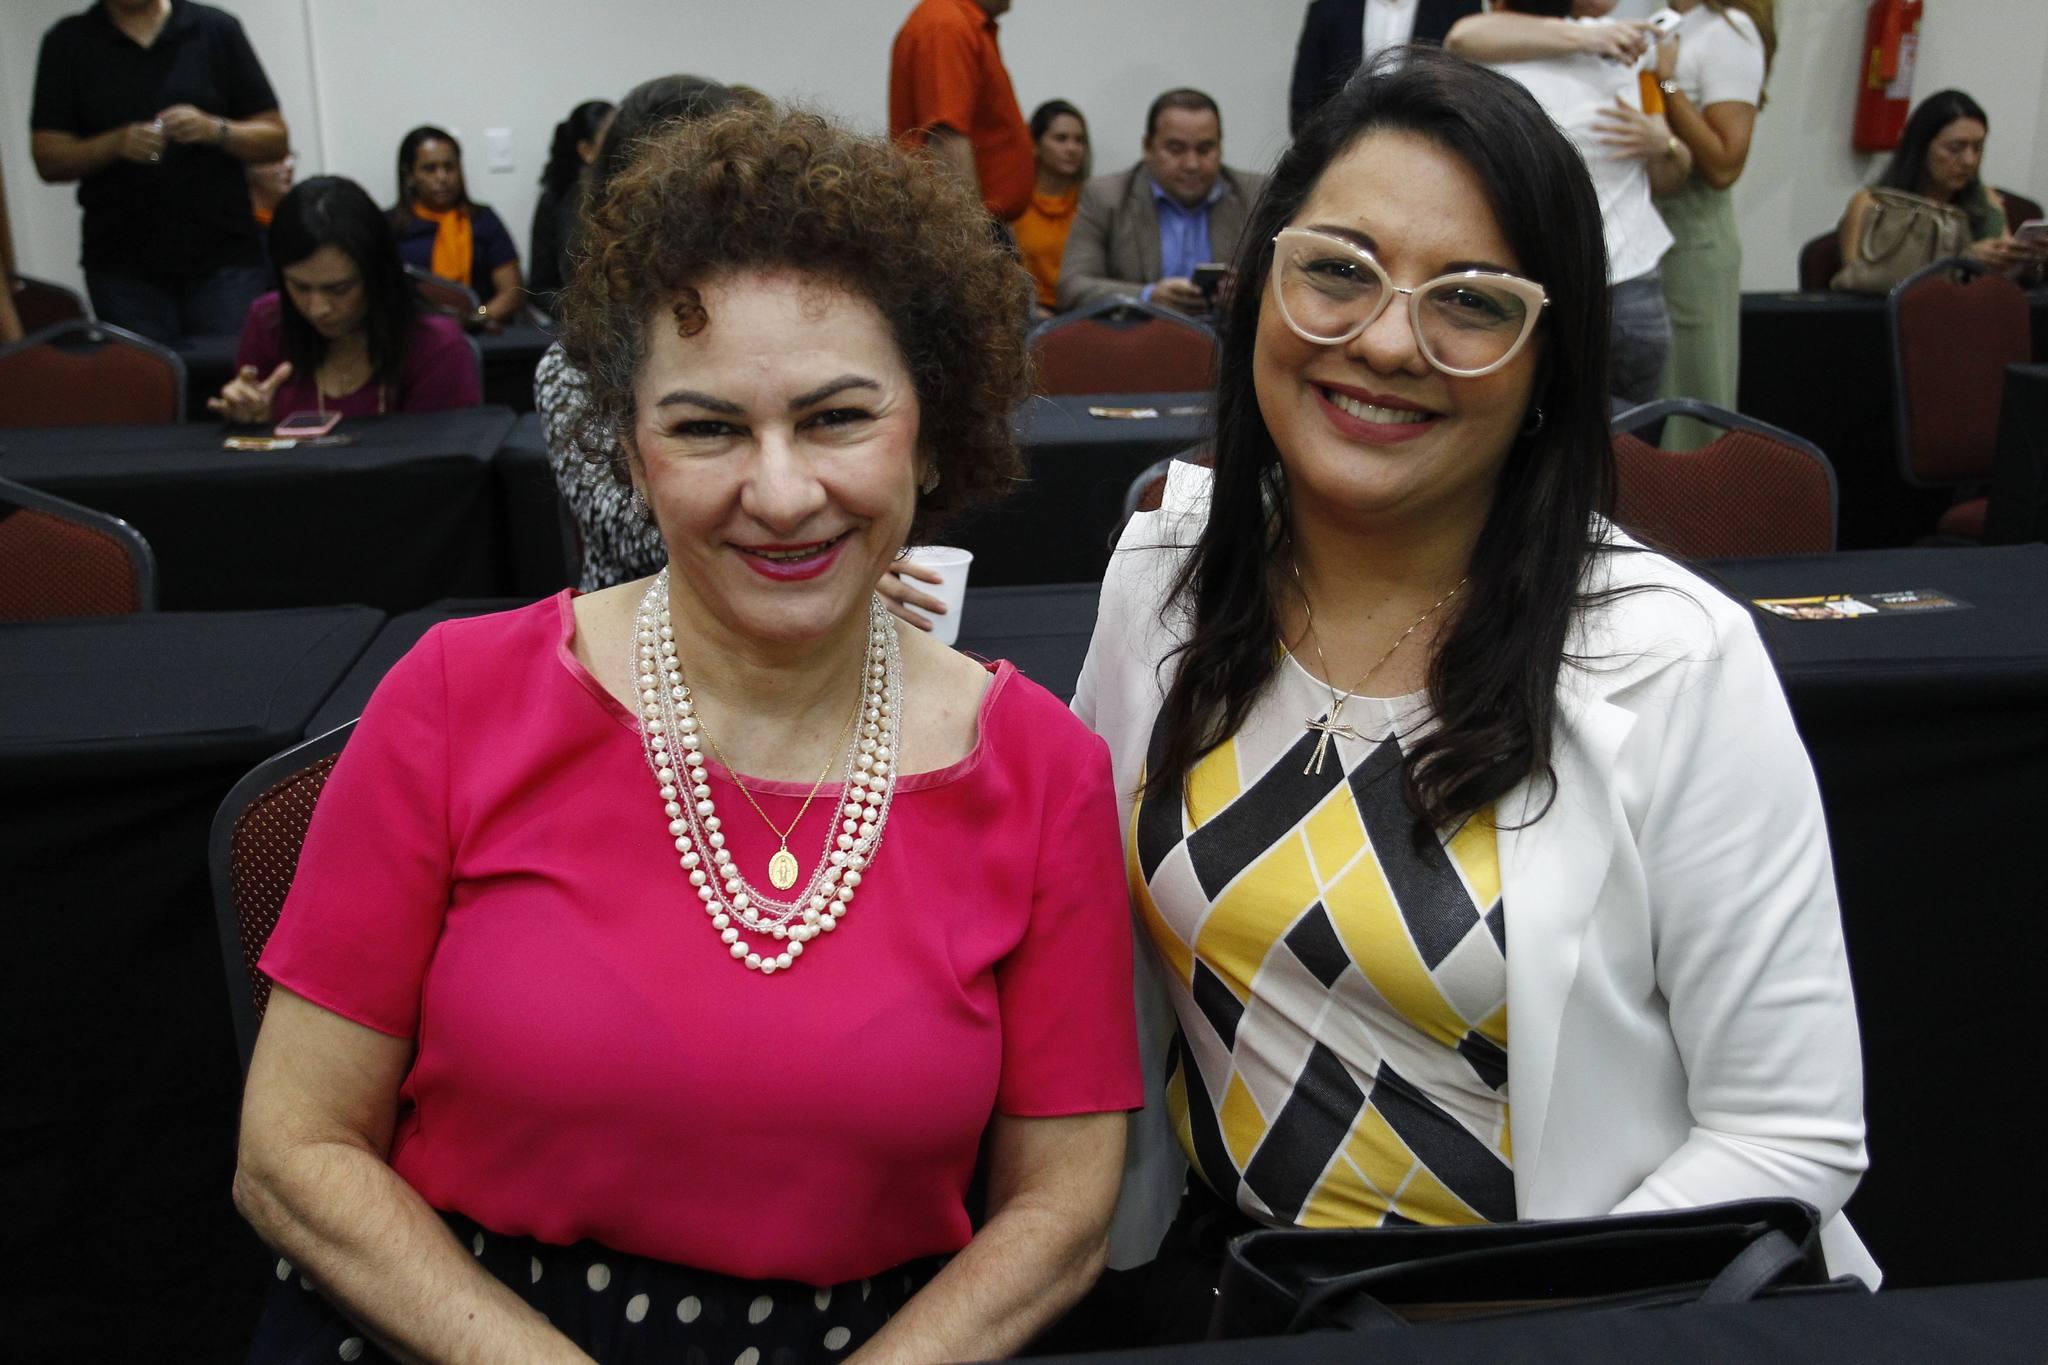 Marisa Quindere E Bianca Rocha